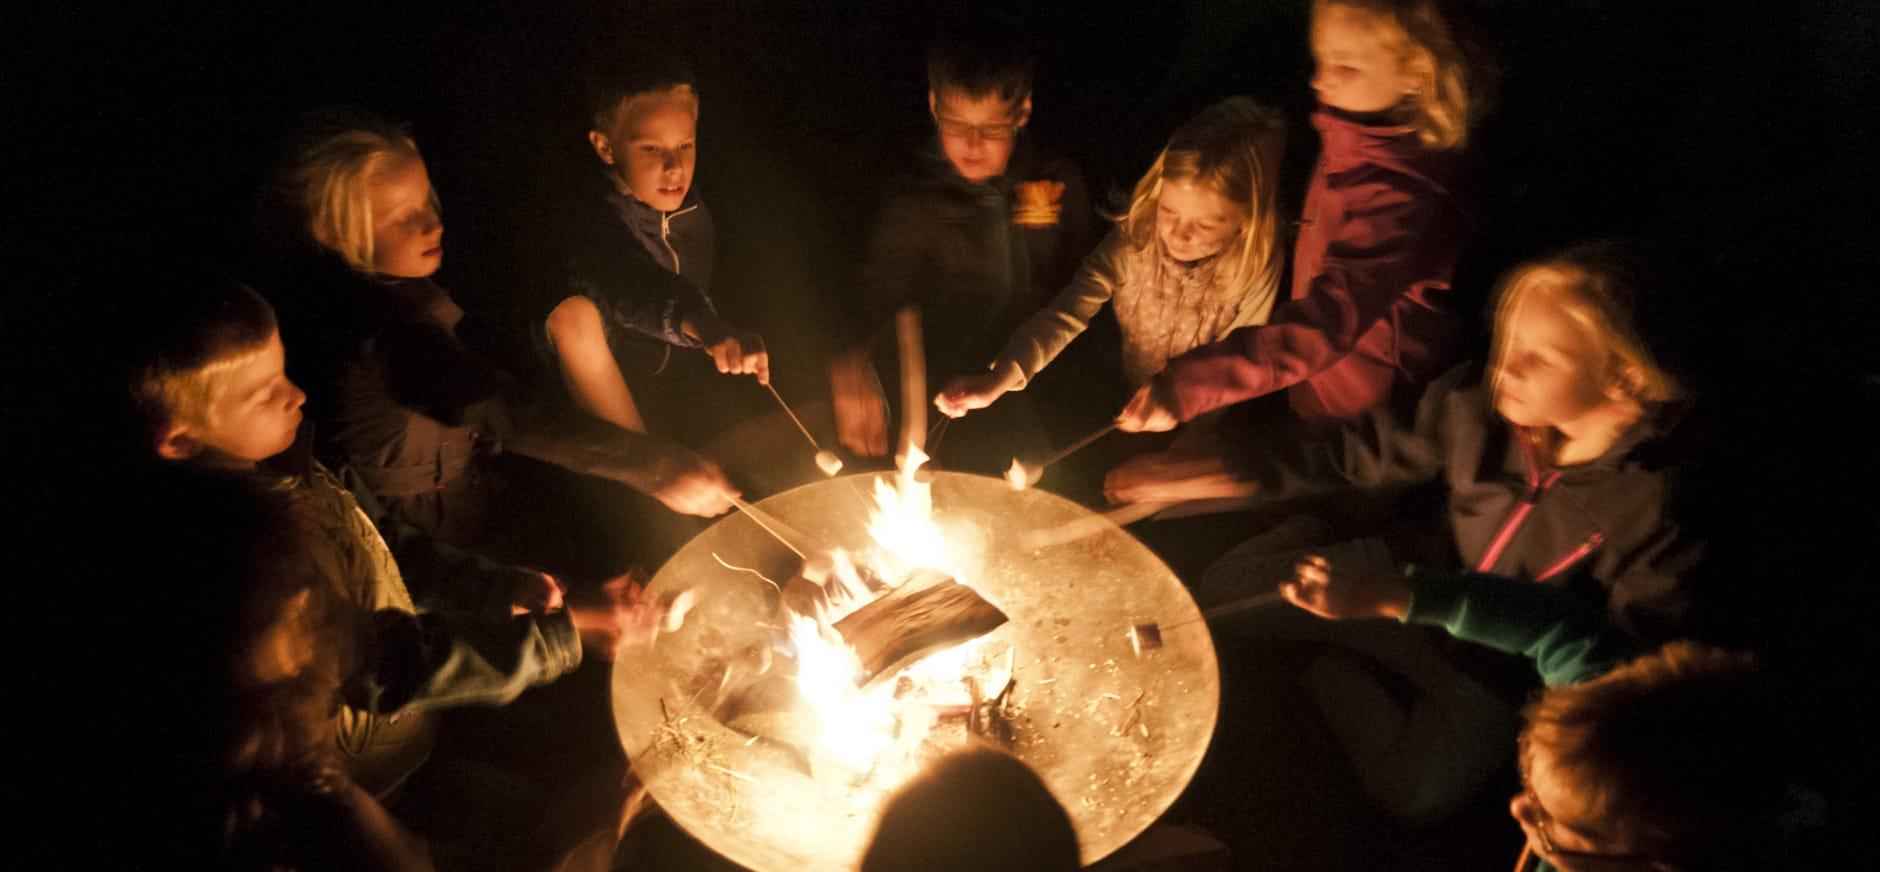 Beleef de magie van het Harderbos tijdens de Midzomernachtloop van OERRR